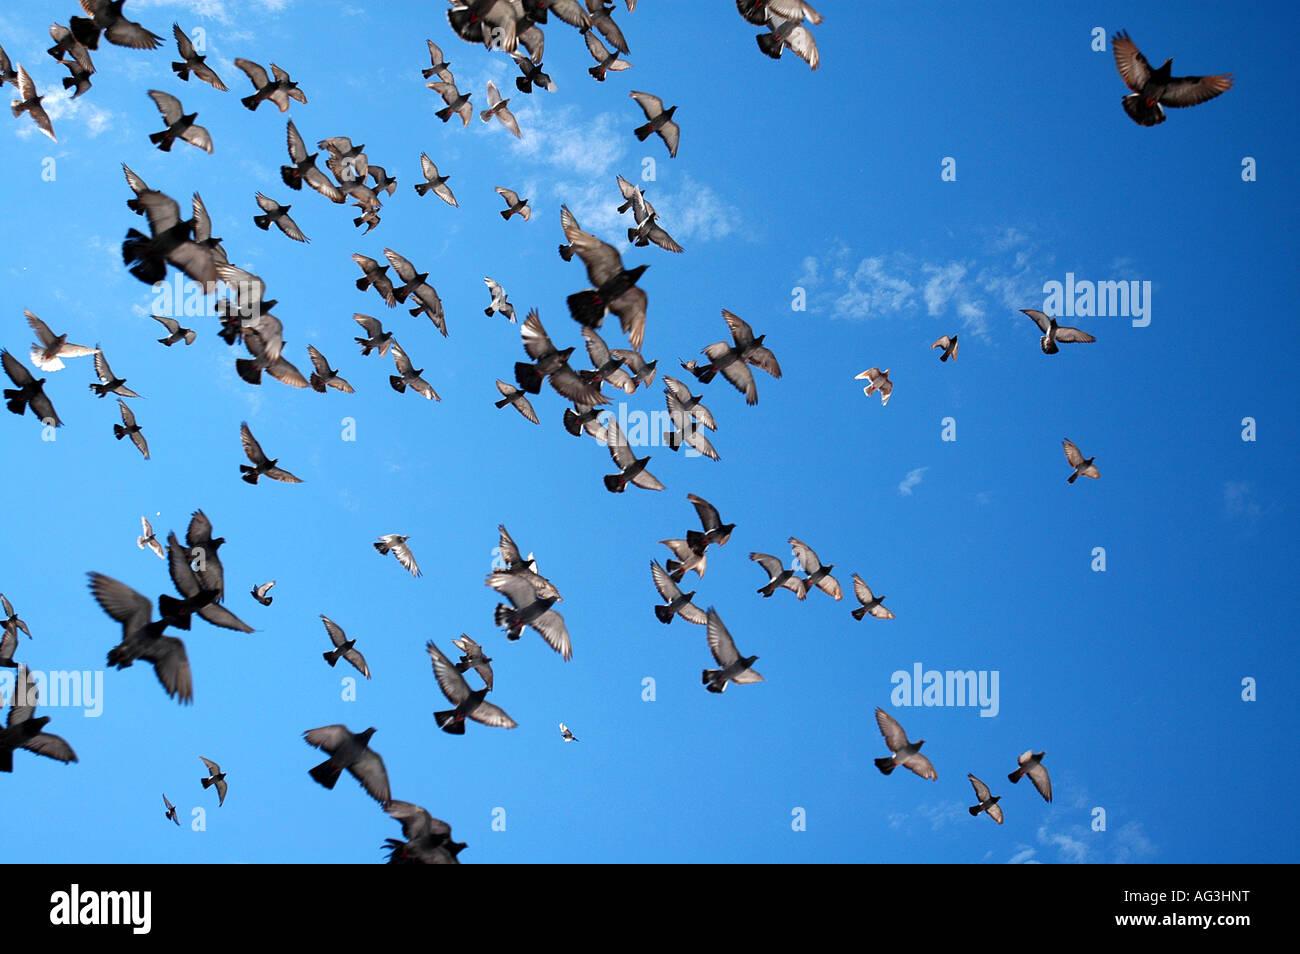 Oiseaux voler au-dessus de la vieille ville Dubtrovnik, Croatie Photo Stock